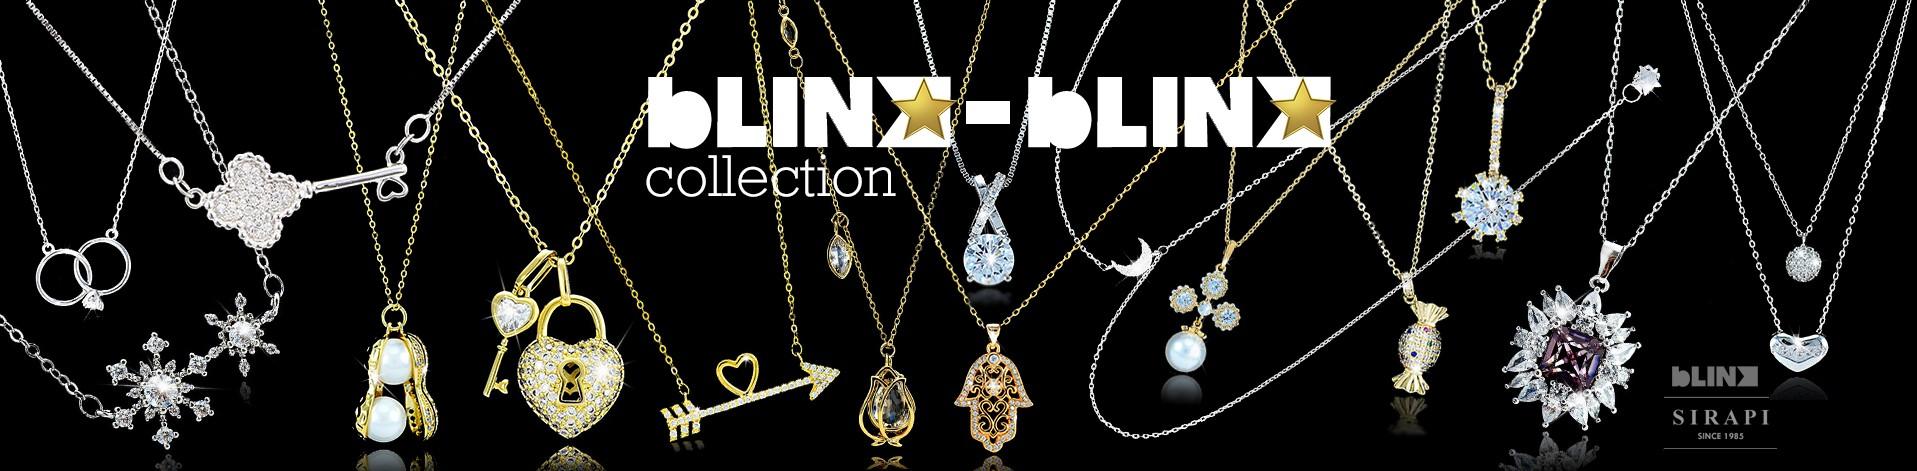 Řetízky - SIRAPI /kolekce BLINK-BLINK/